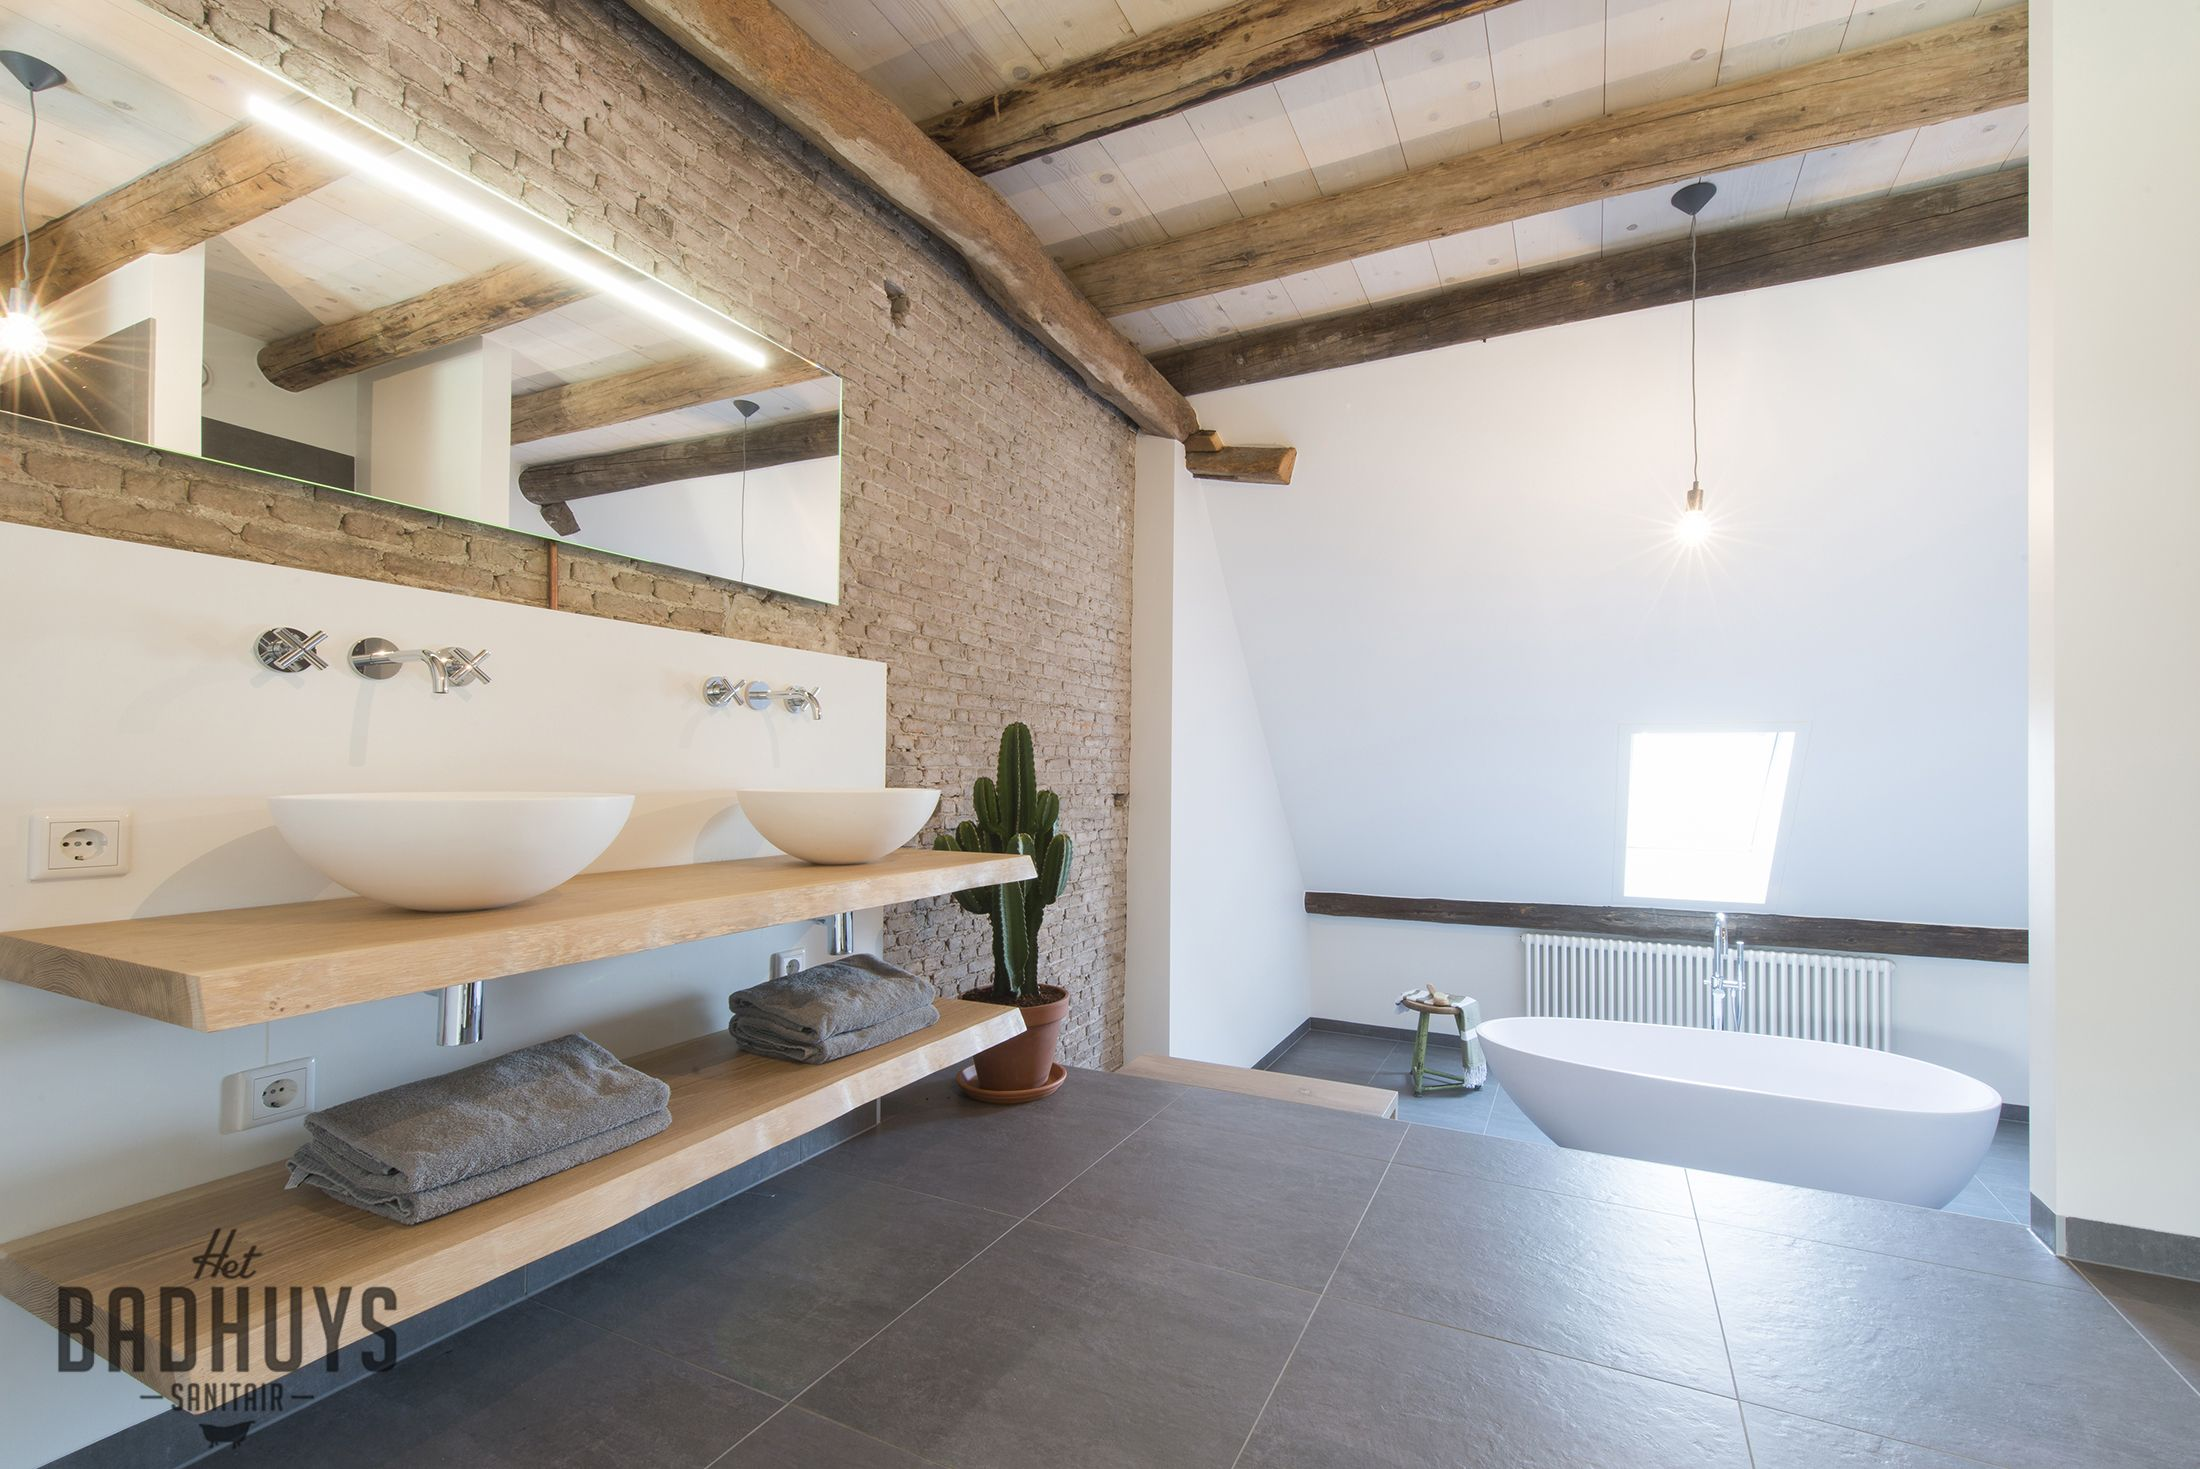 Eigentijdse badkamer met badmeubel gemaakt van ruwe eiken planken